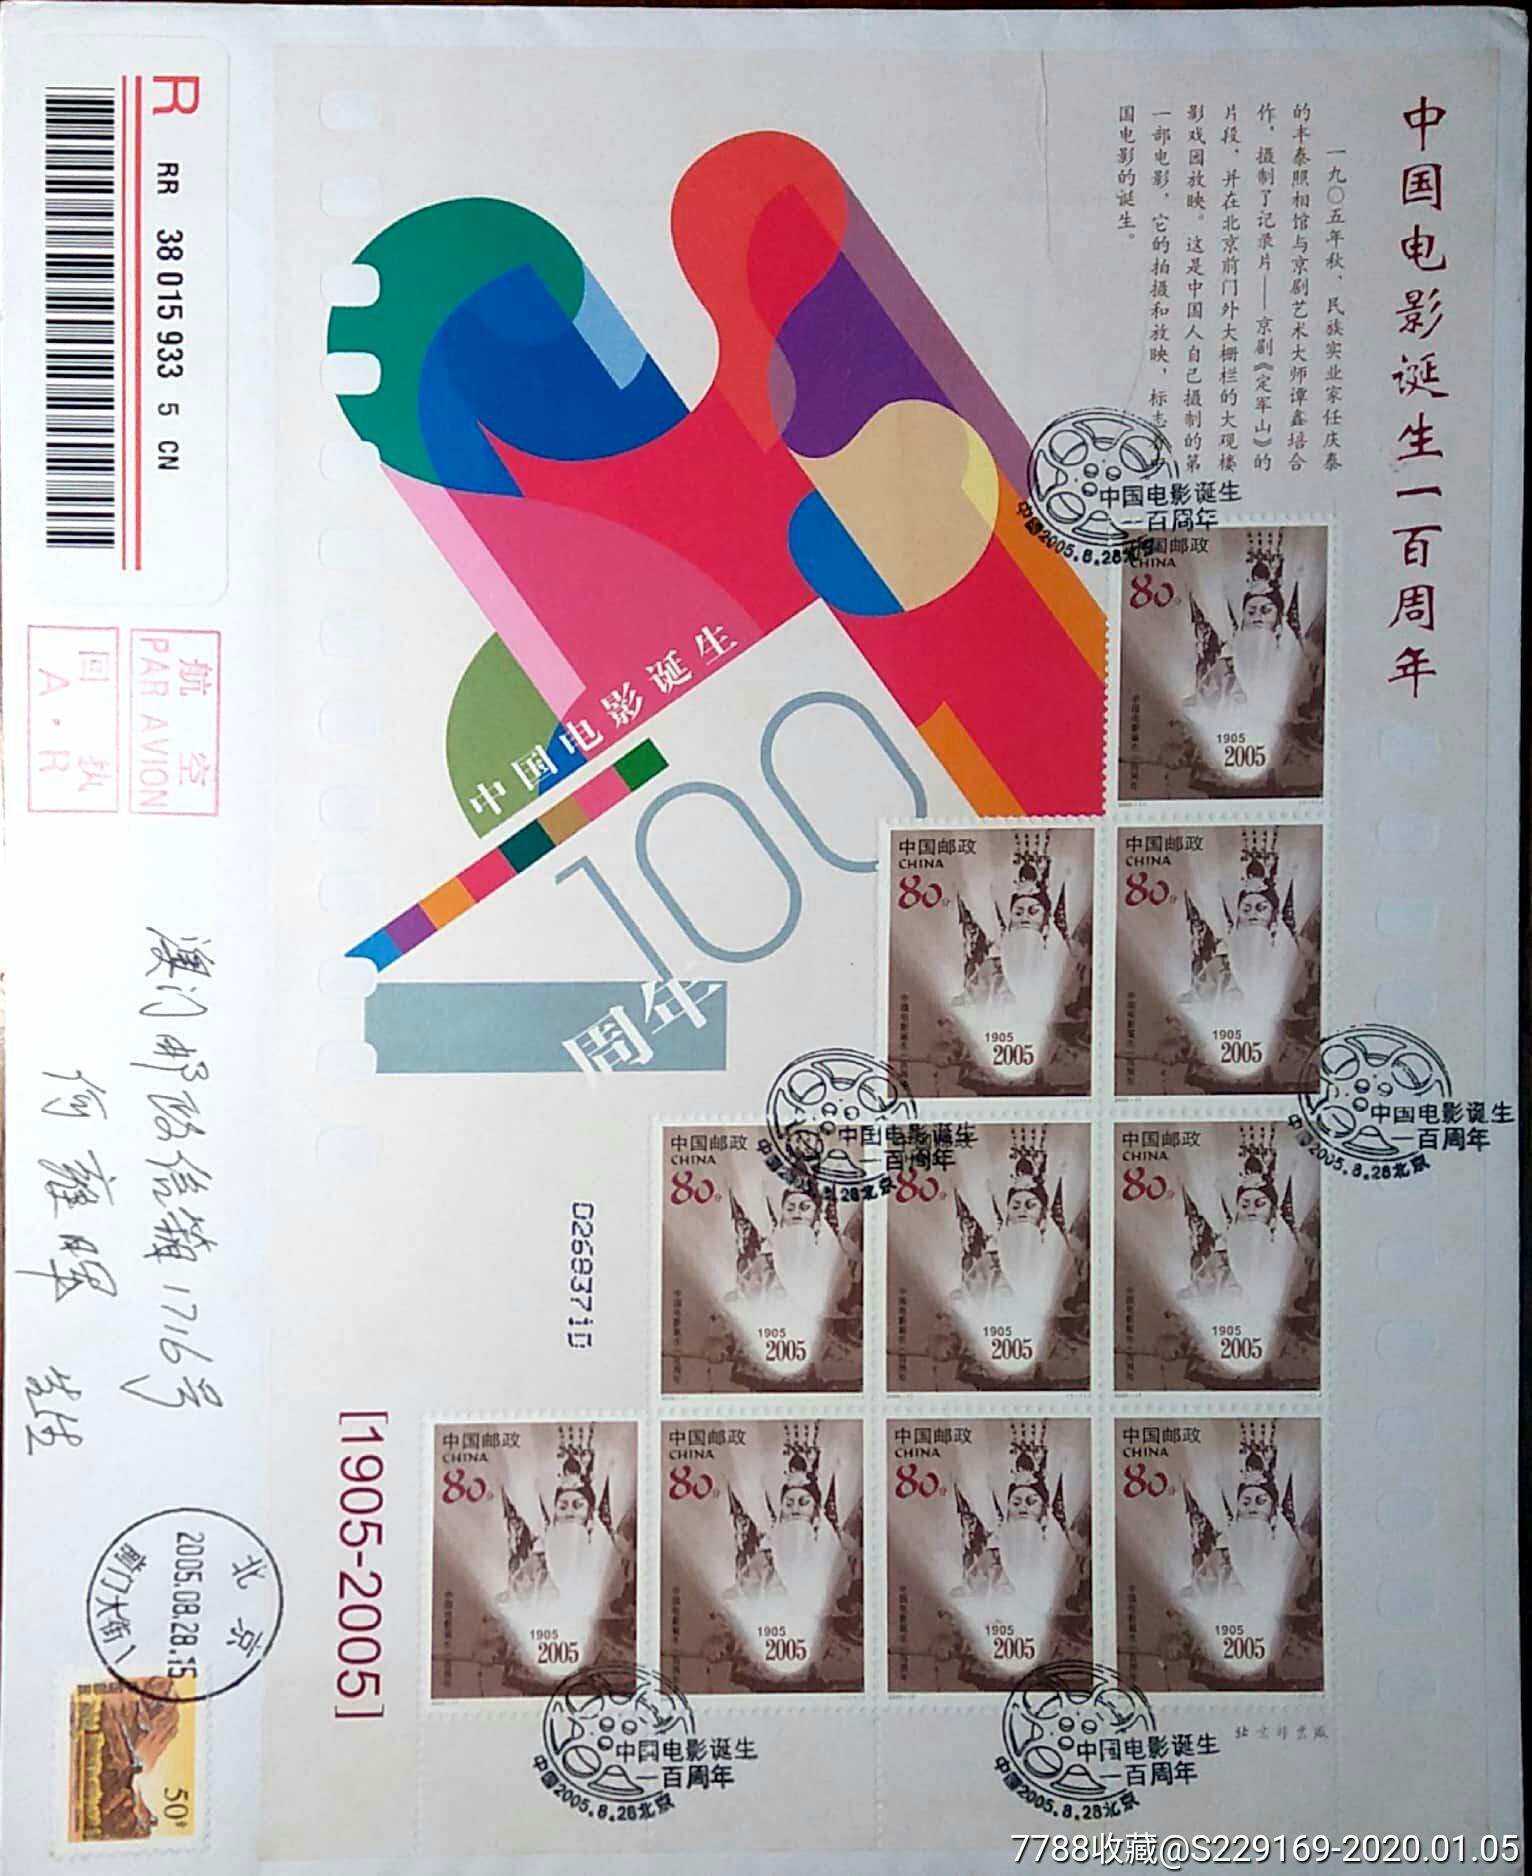 【1元起拍】2005-17《中���影�Q生一百周年》(小版��)北京原地首日�旒陌拈T(au22080599)_